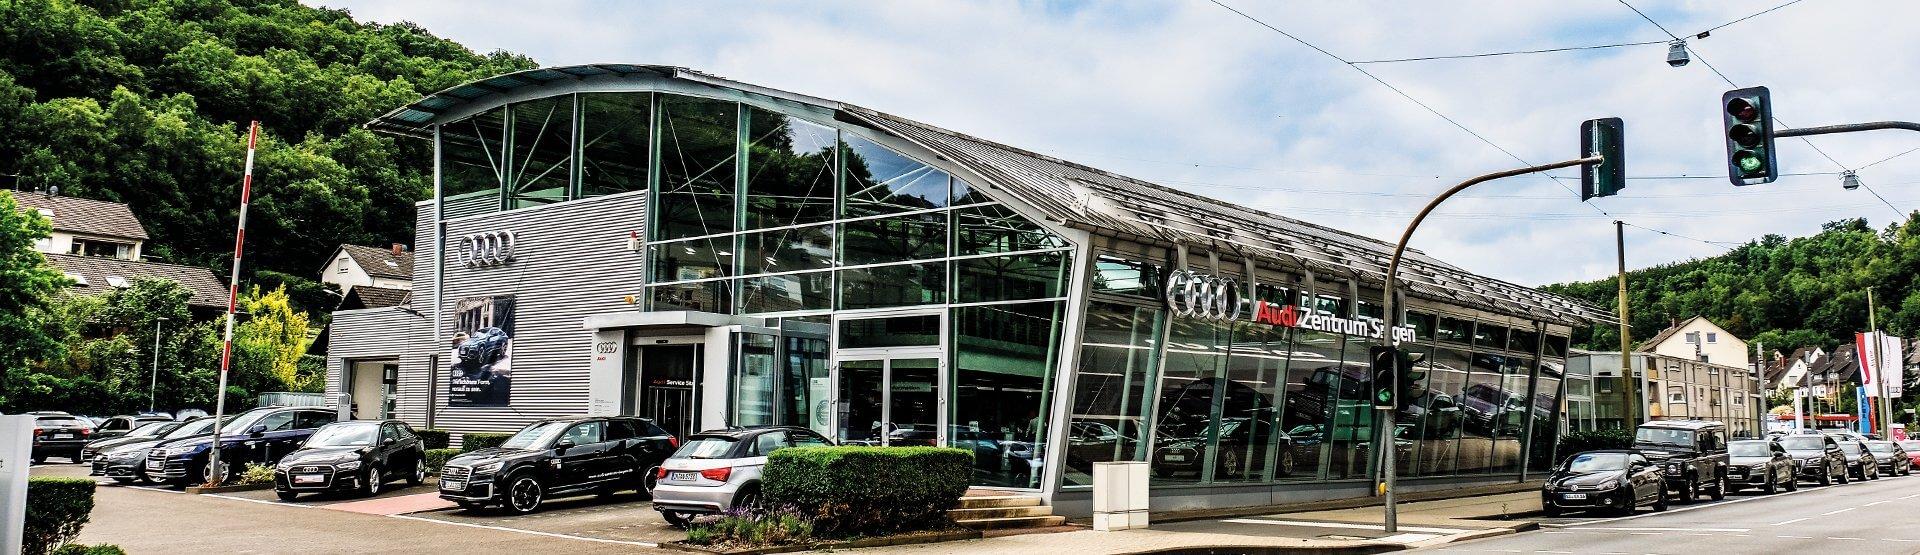 Das Audi Zentrum Siegen